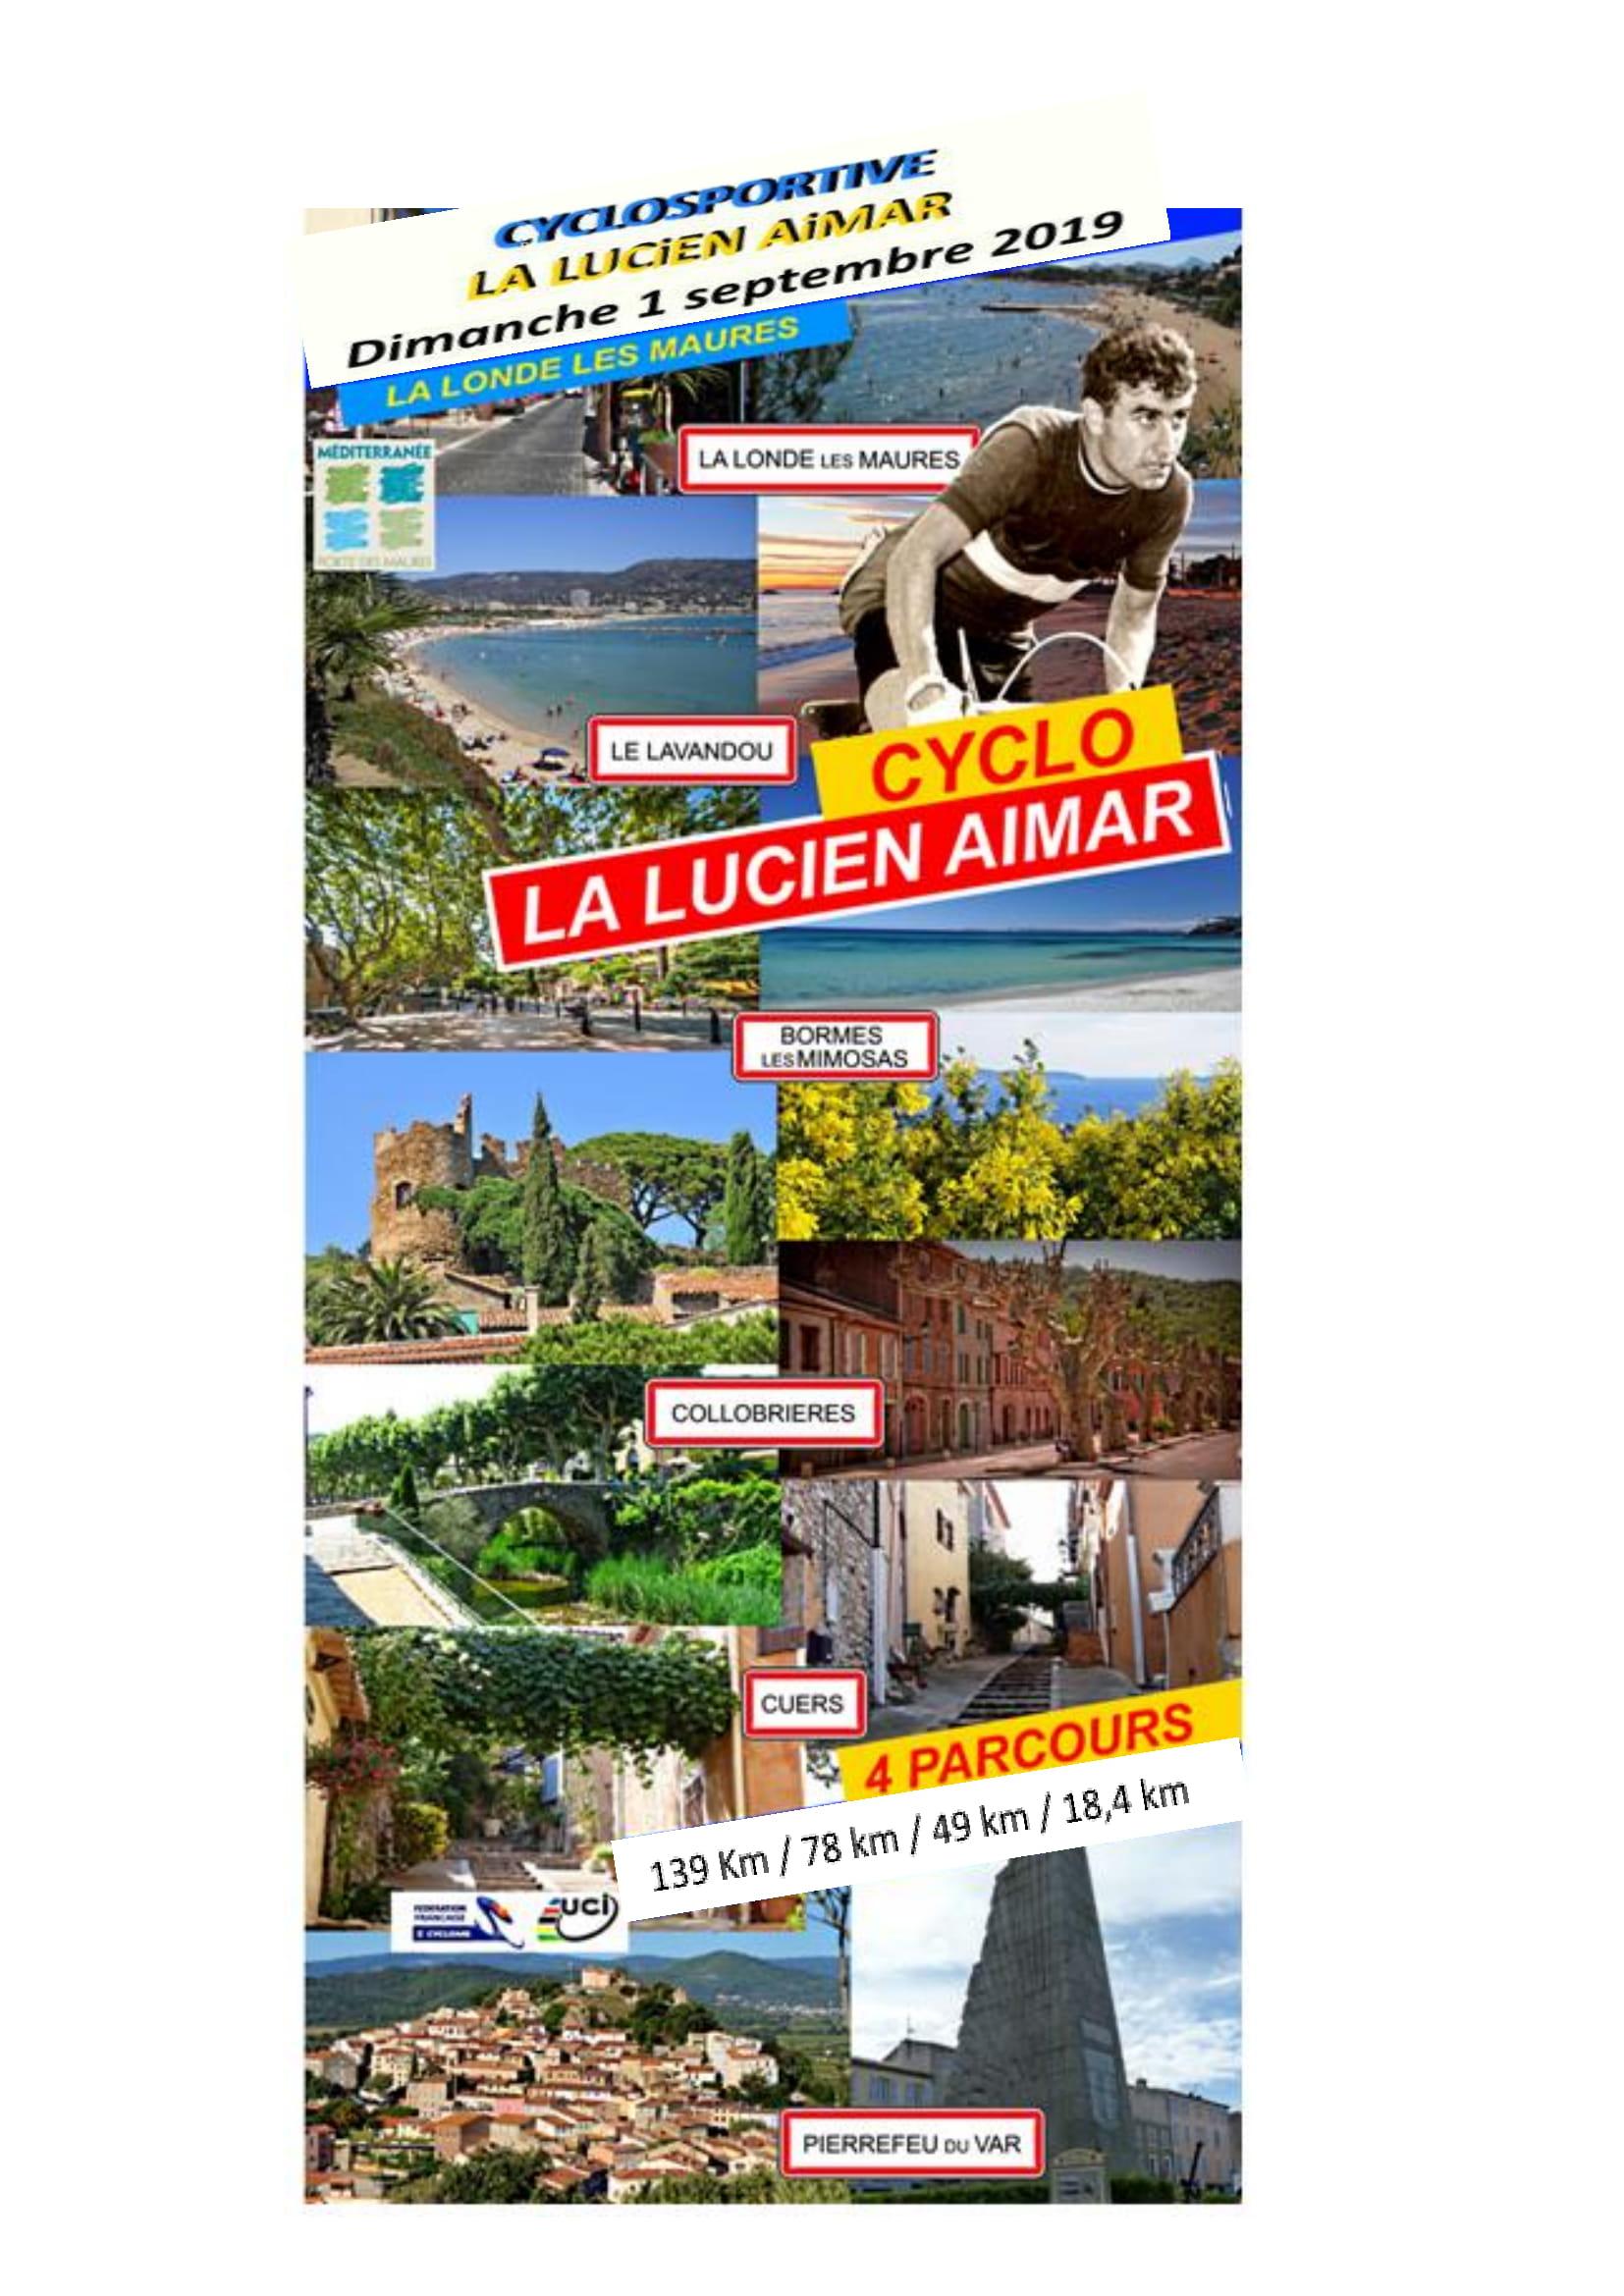 La Lucien Aimar - 18.4km